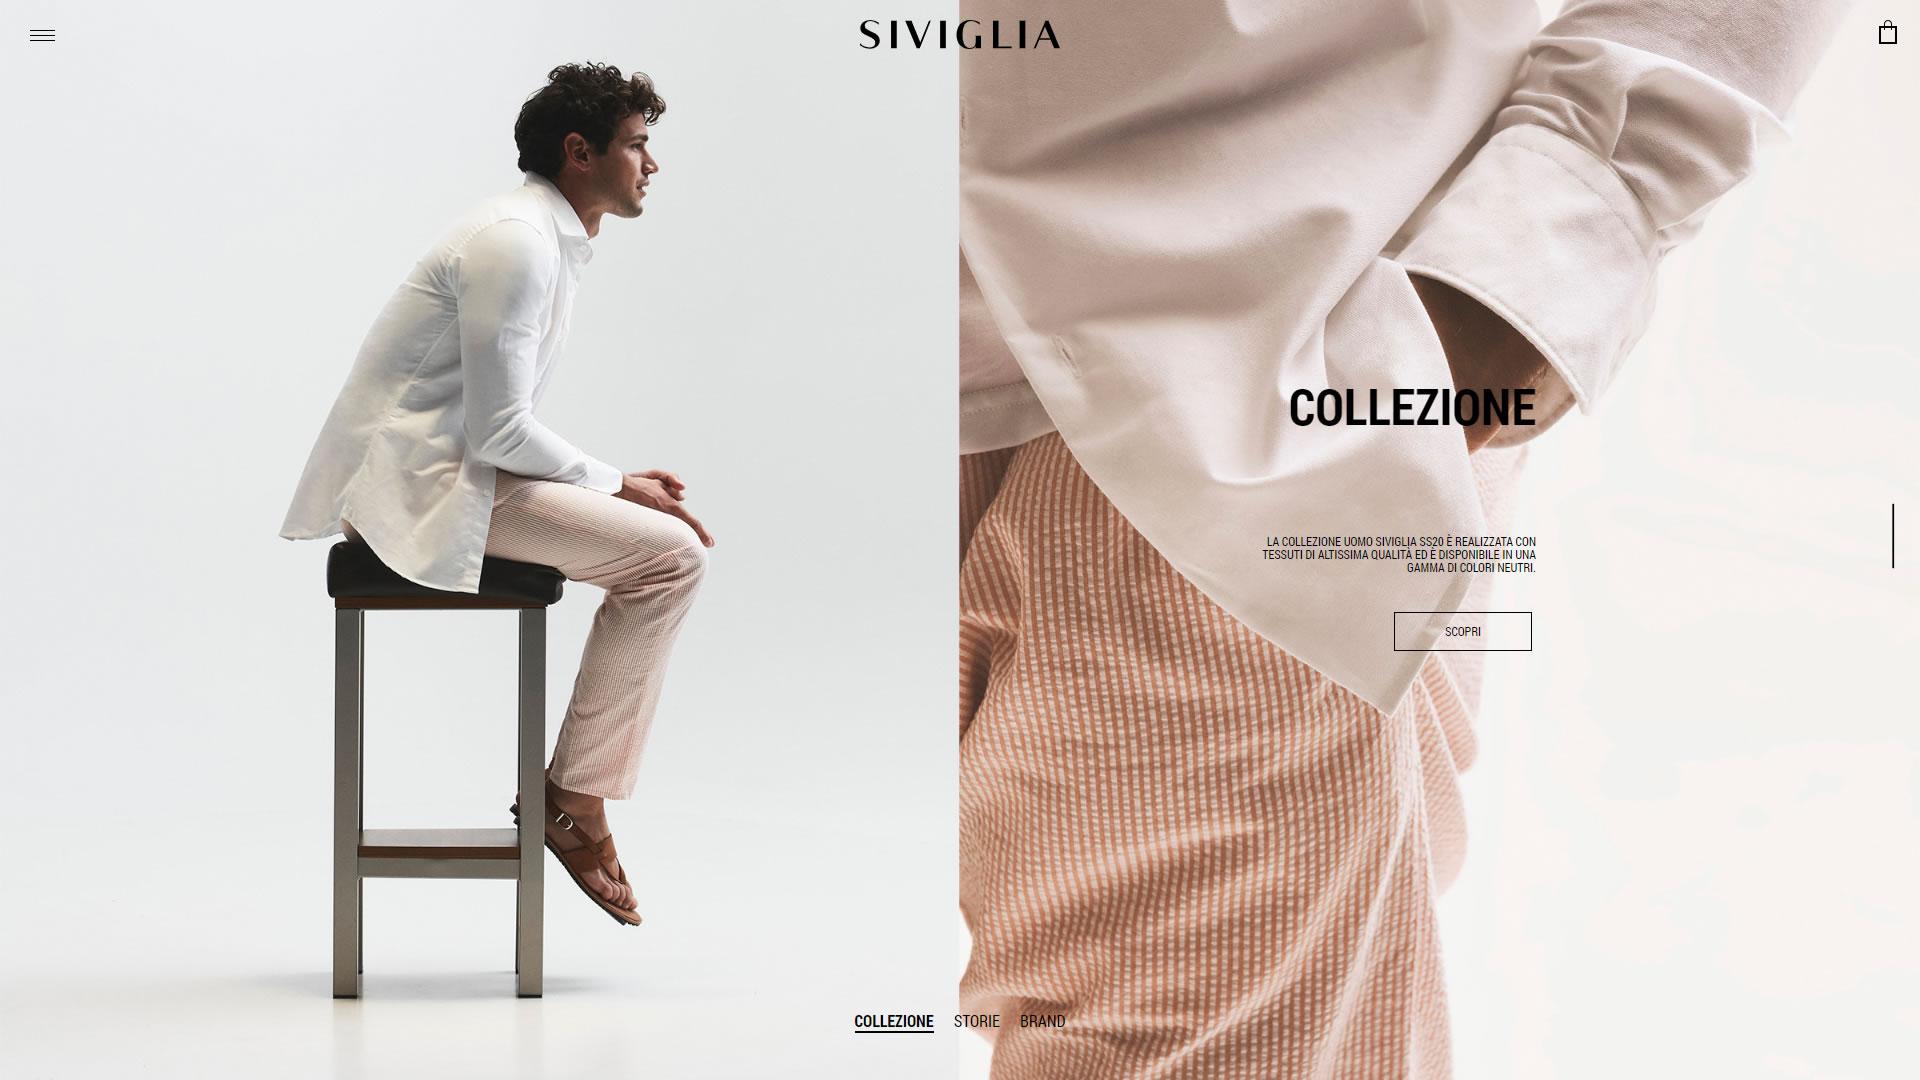 siviglia1